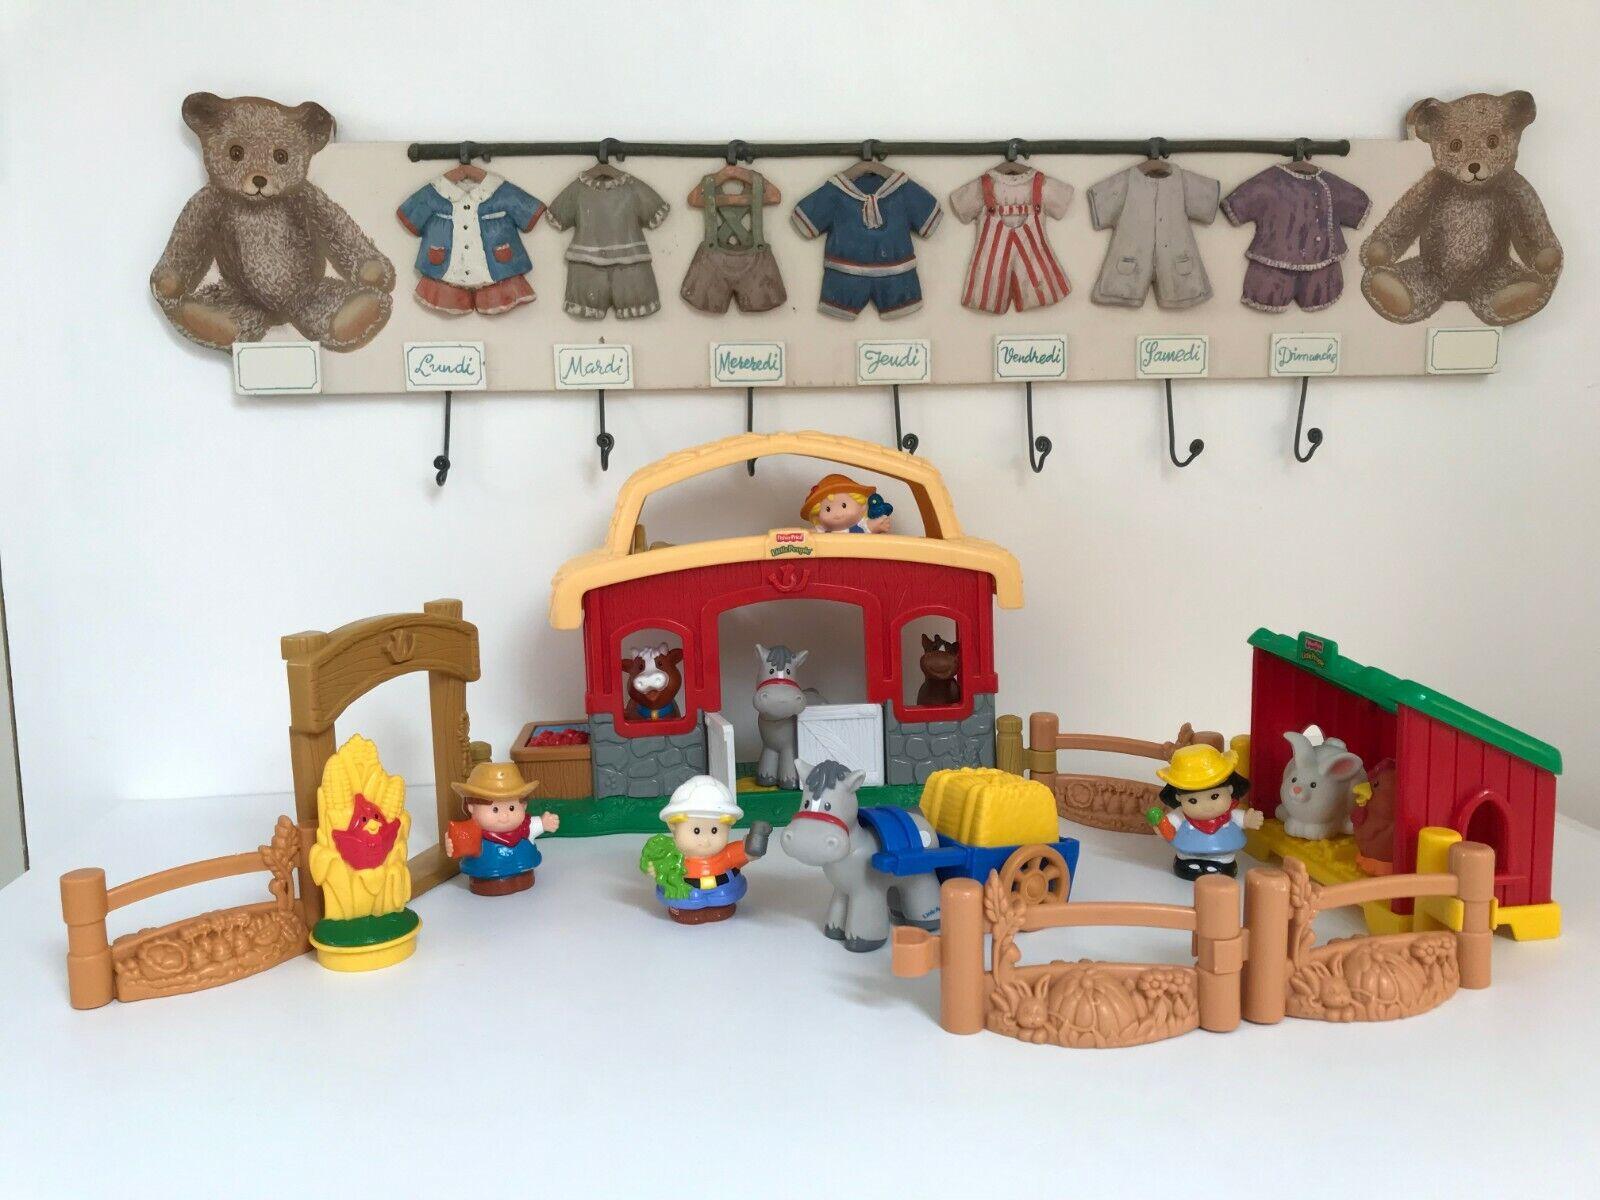 L'écurie Little People Figurine Fisher Price Les Animaux De La Ferme